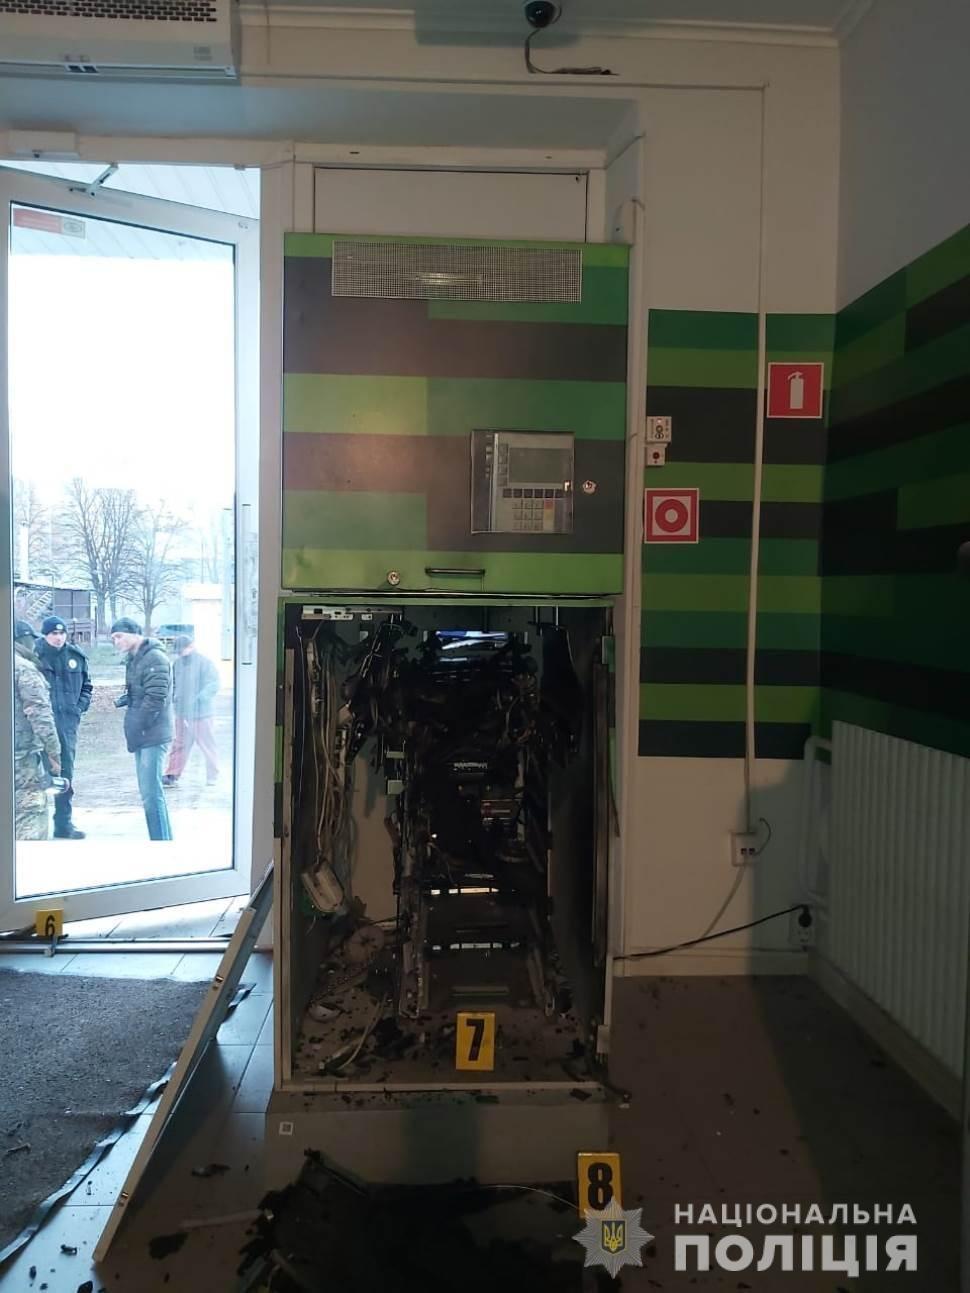 В Харькове неизвестные взорвали банкомат, находящийся в «многоэтажке», - ФОТО, фото-1